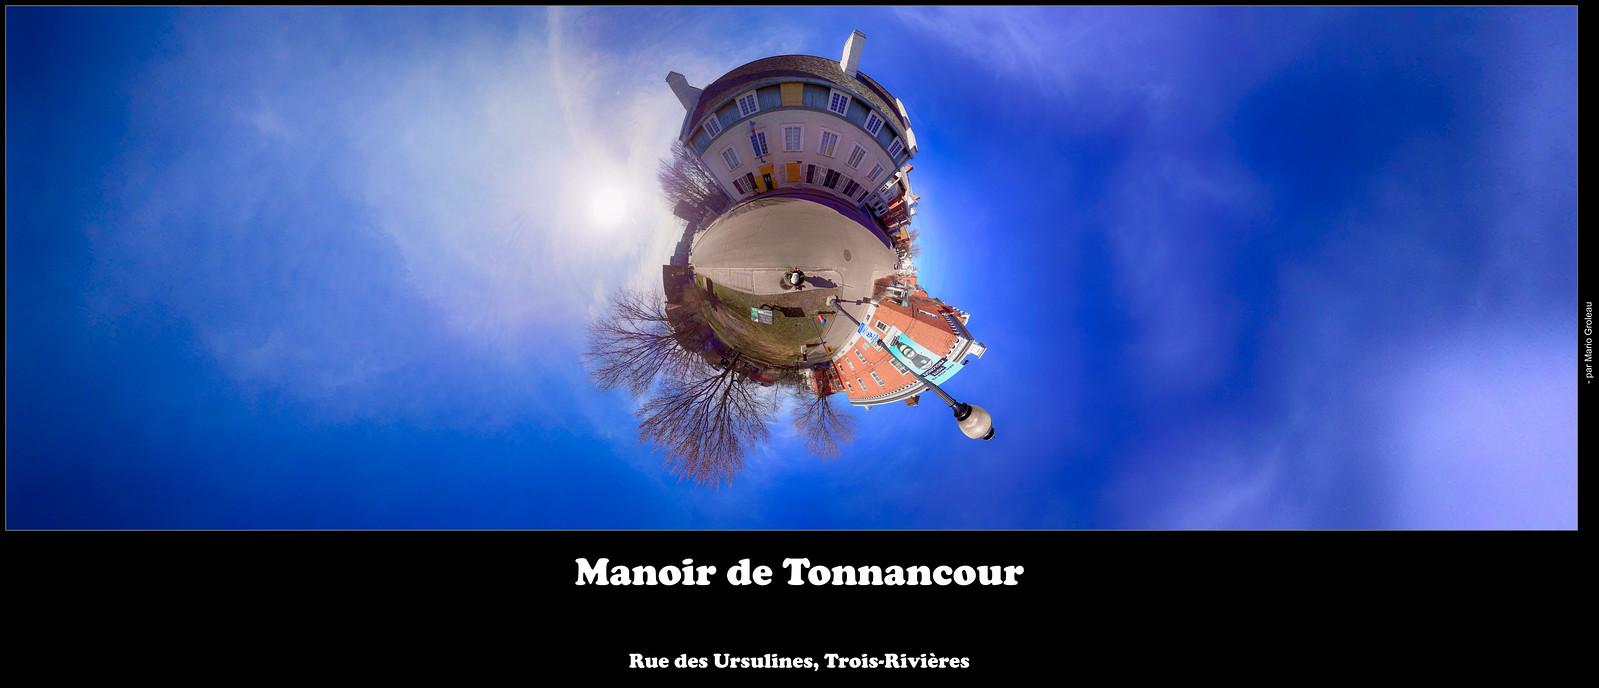 Manoir de Tonnancour